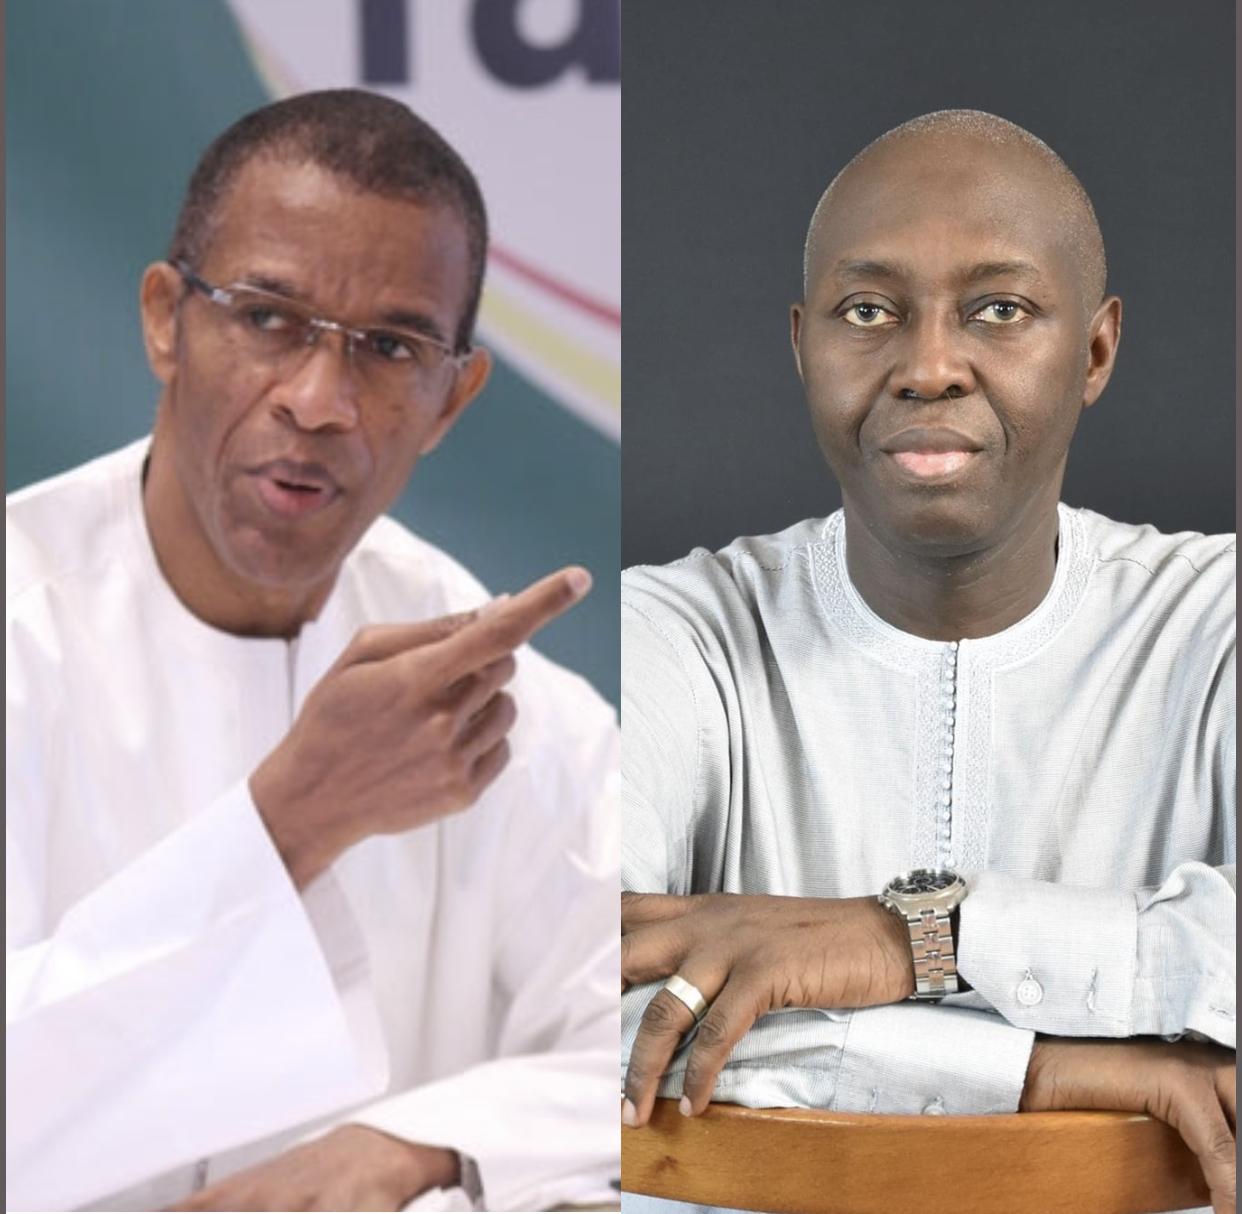 Questekki / Dossier Ressources naturelles : À quoi joue le Maire Alioune Ndoye ? (Par Mamadou Lamine Diallo)